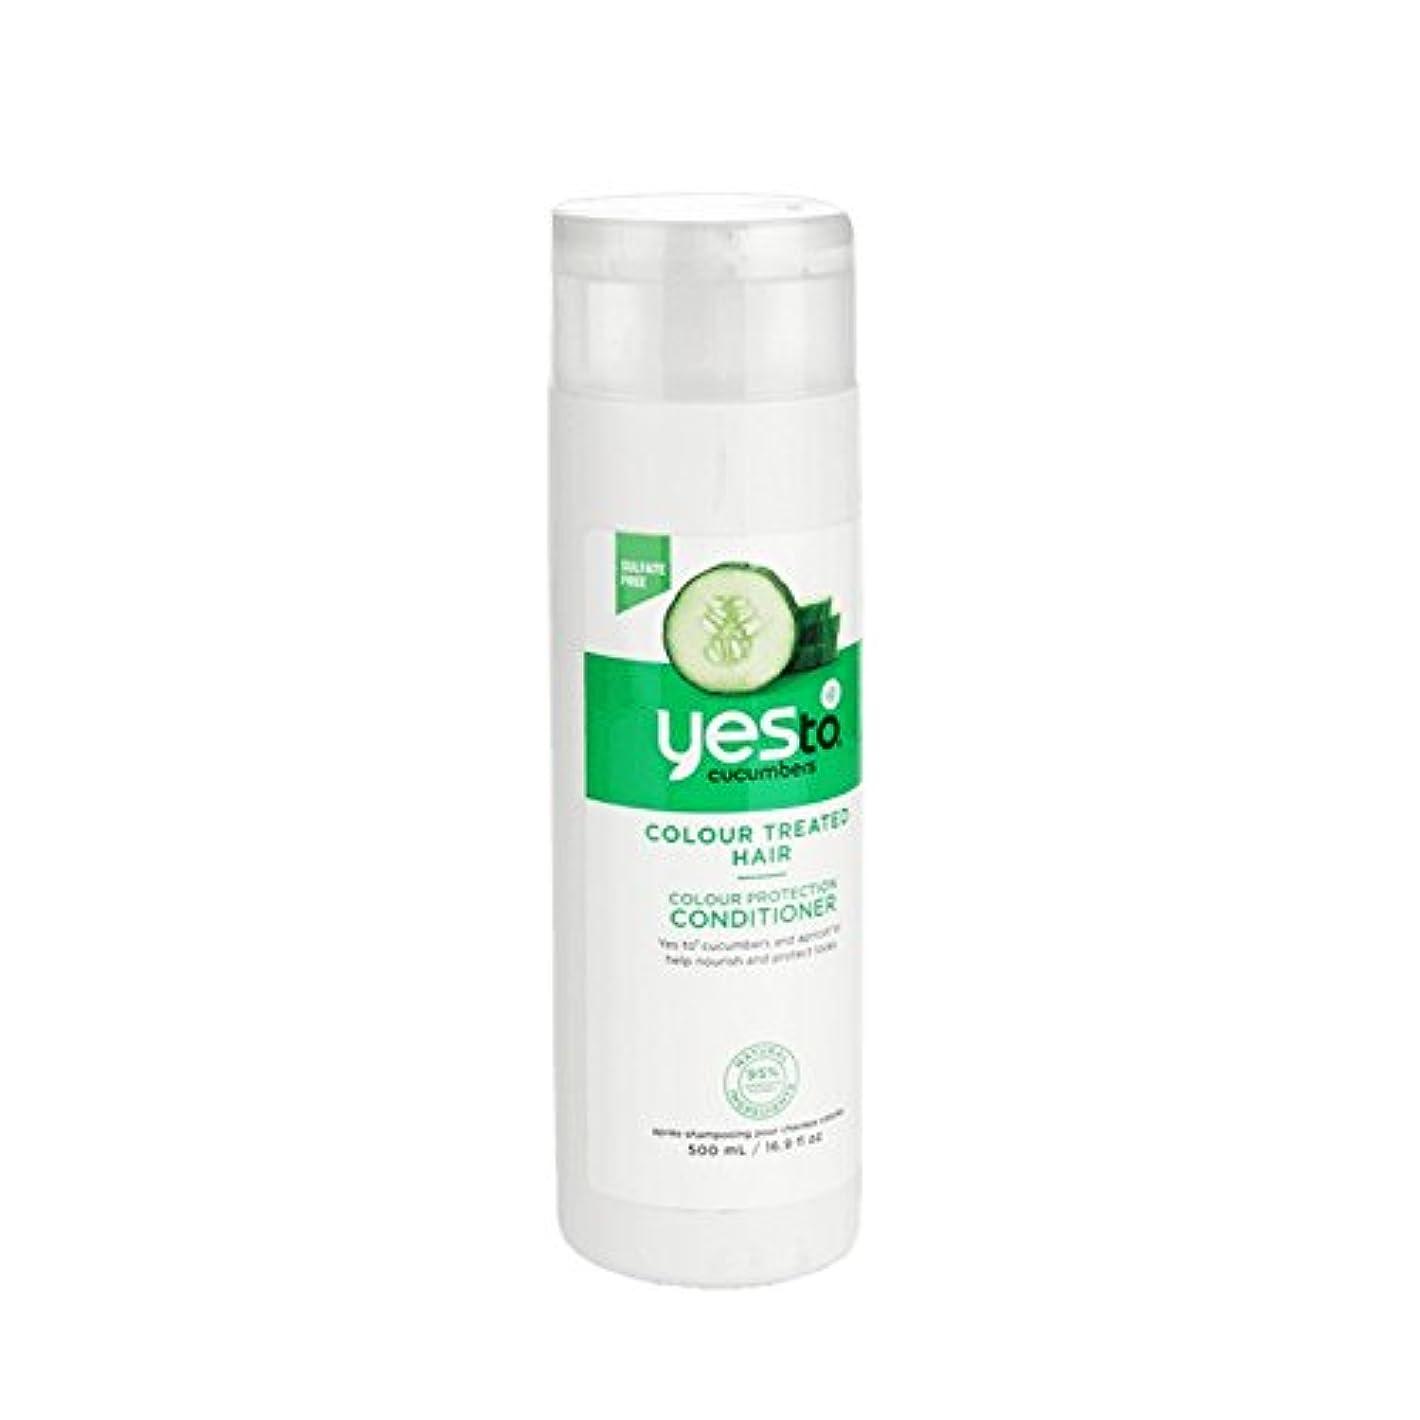 日付付きほぼ上向きはいキュウリの色の保護コンディショナー500ミリリットルへ - Yes To Cucumbers Colour Protection Conditioner 500ml (Yes To) [並行輸入品]